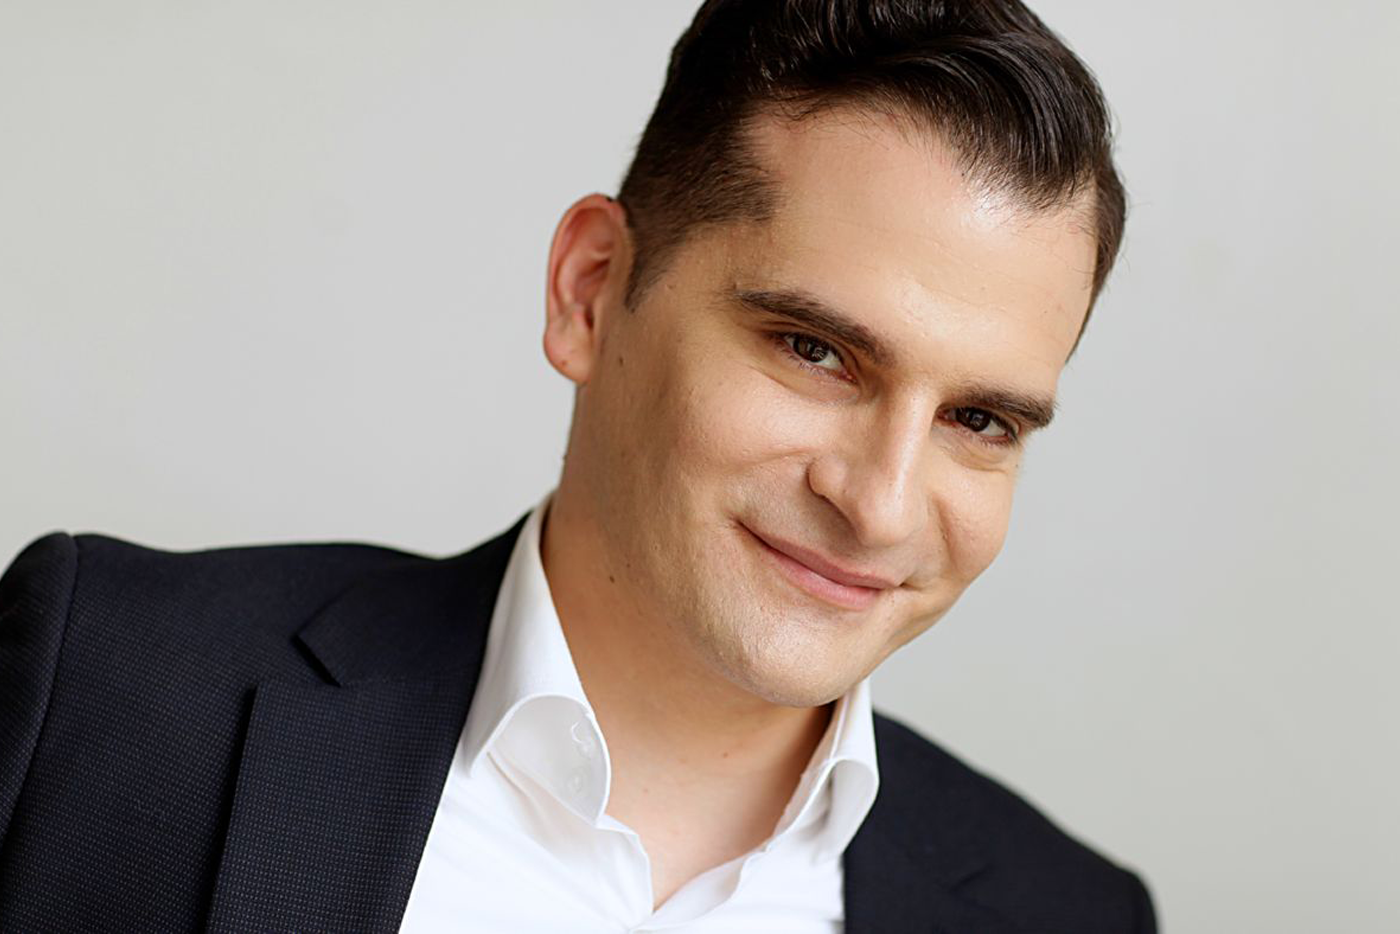 El ex-bajista de Interpol busca trabajo como actor